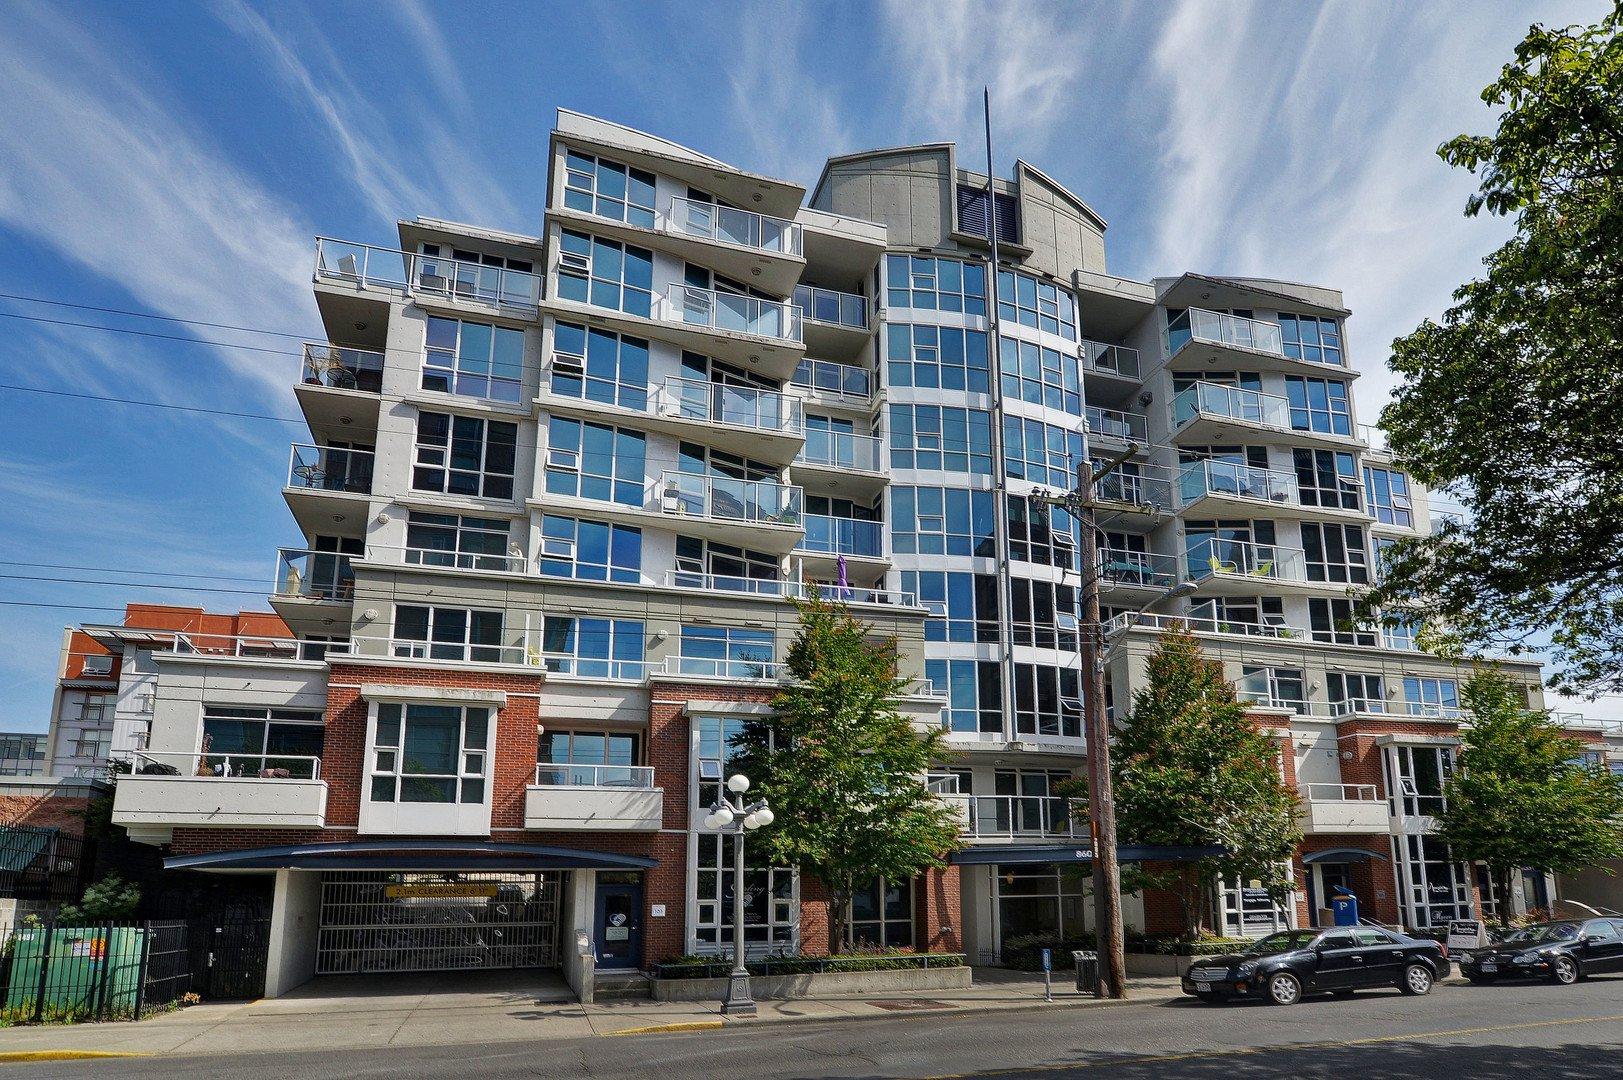 Main Photo: 203 860 View St in VICTORIA: Vi Downtown Condo for sale (Victoria)  : MLS®# 806529